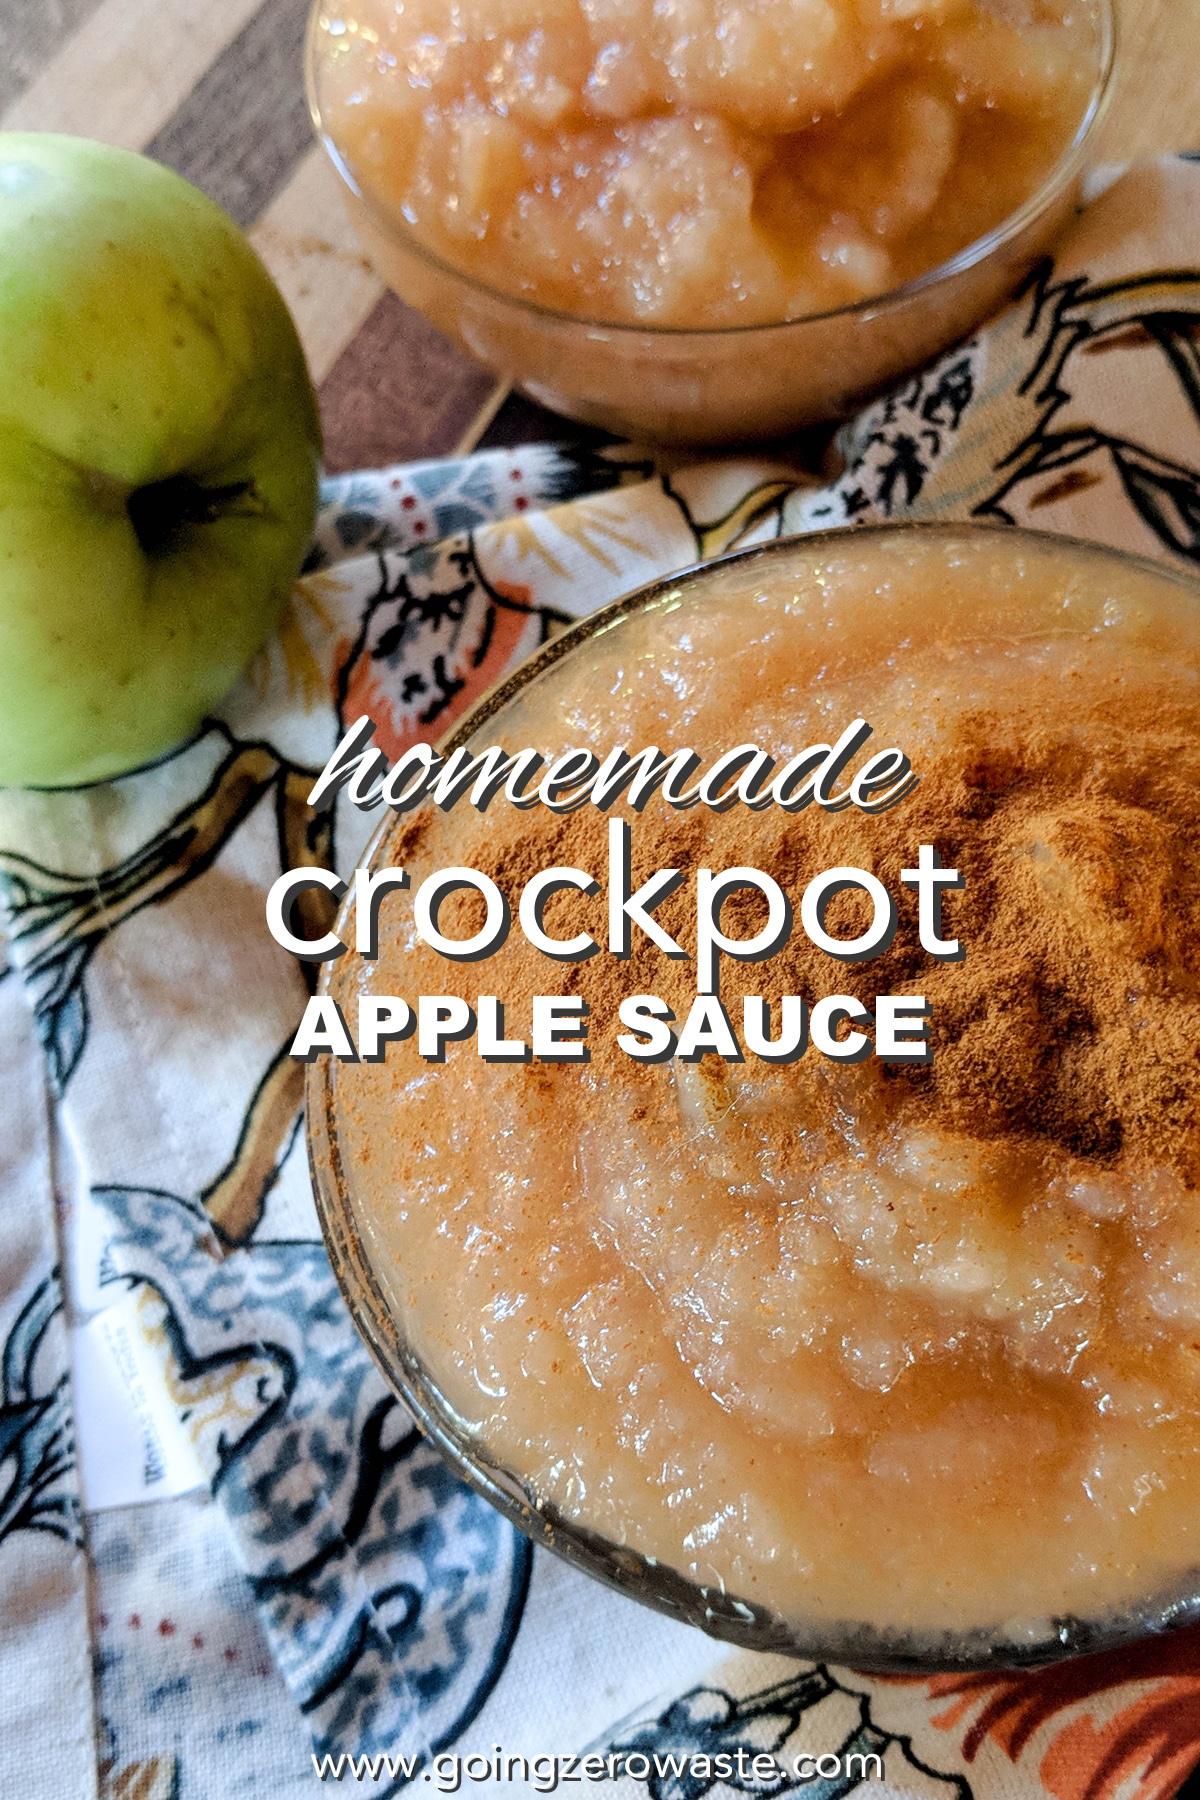 Homemade Crockpot Apple Sauce